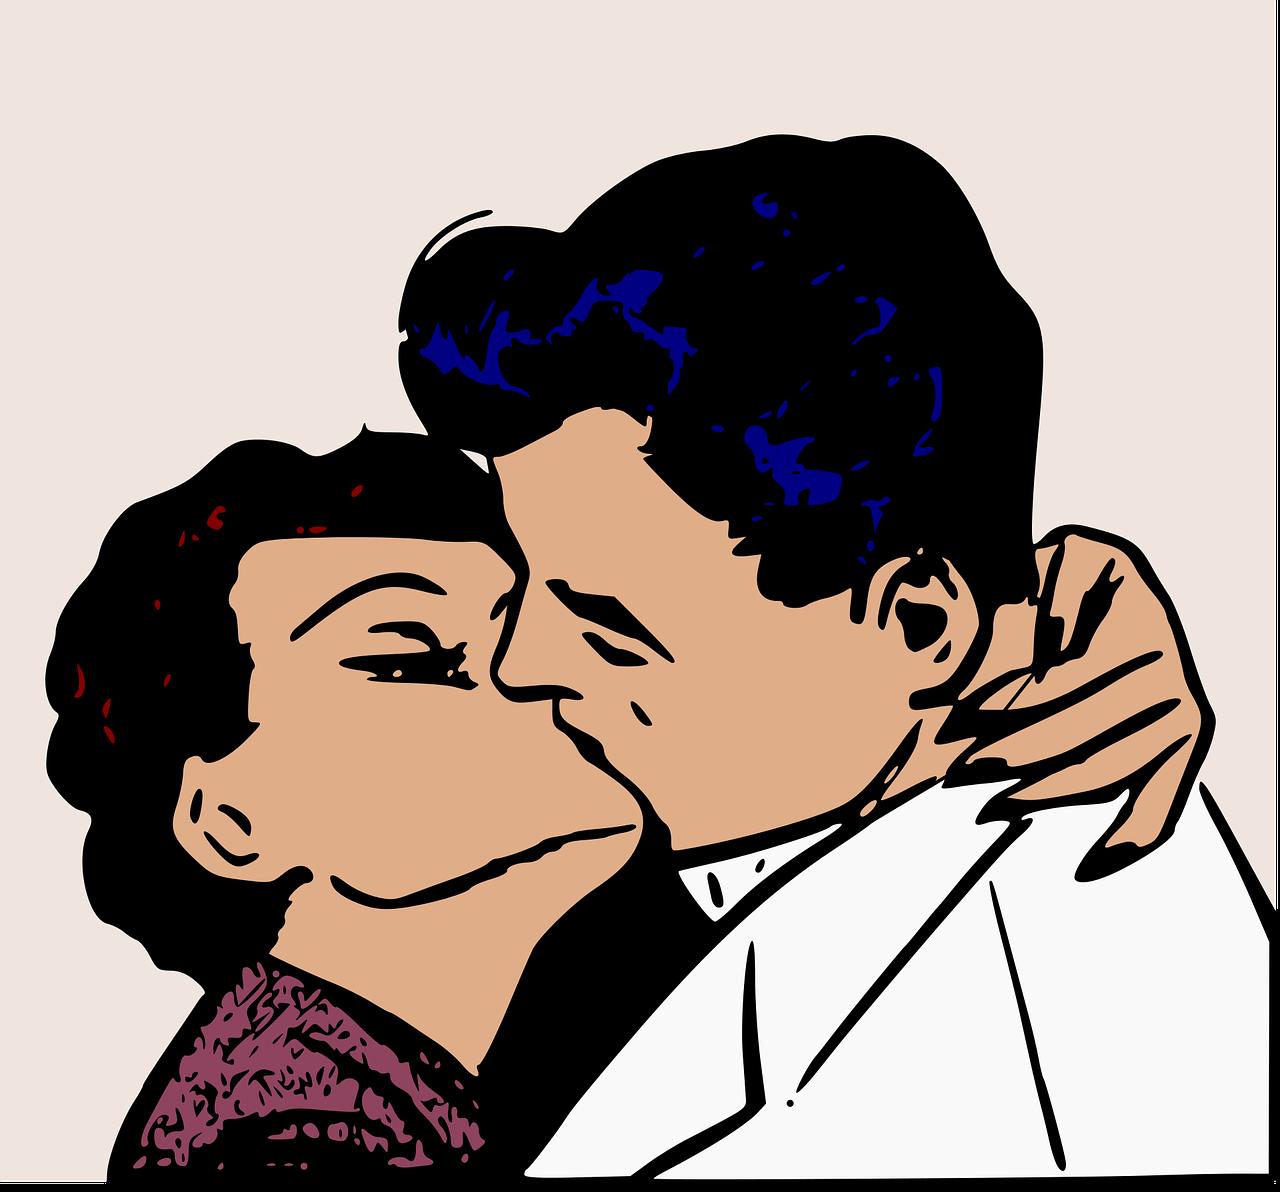 Mann und Frau0 (0)